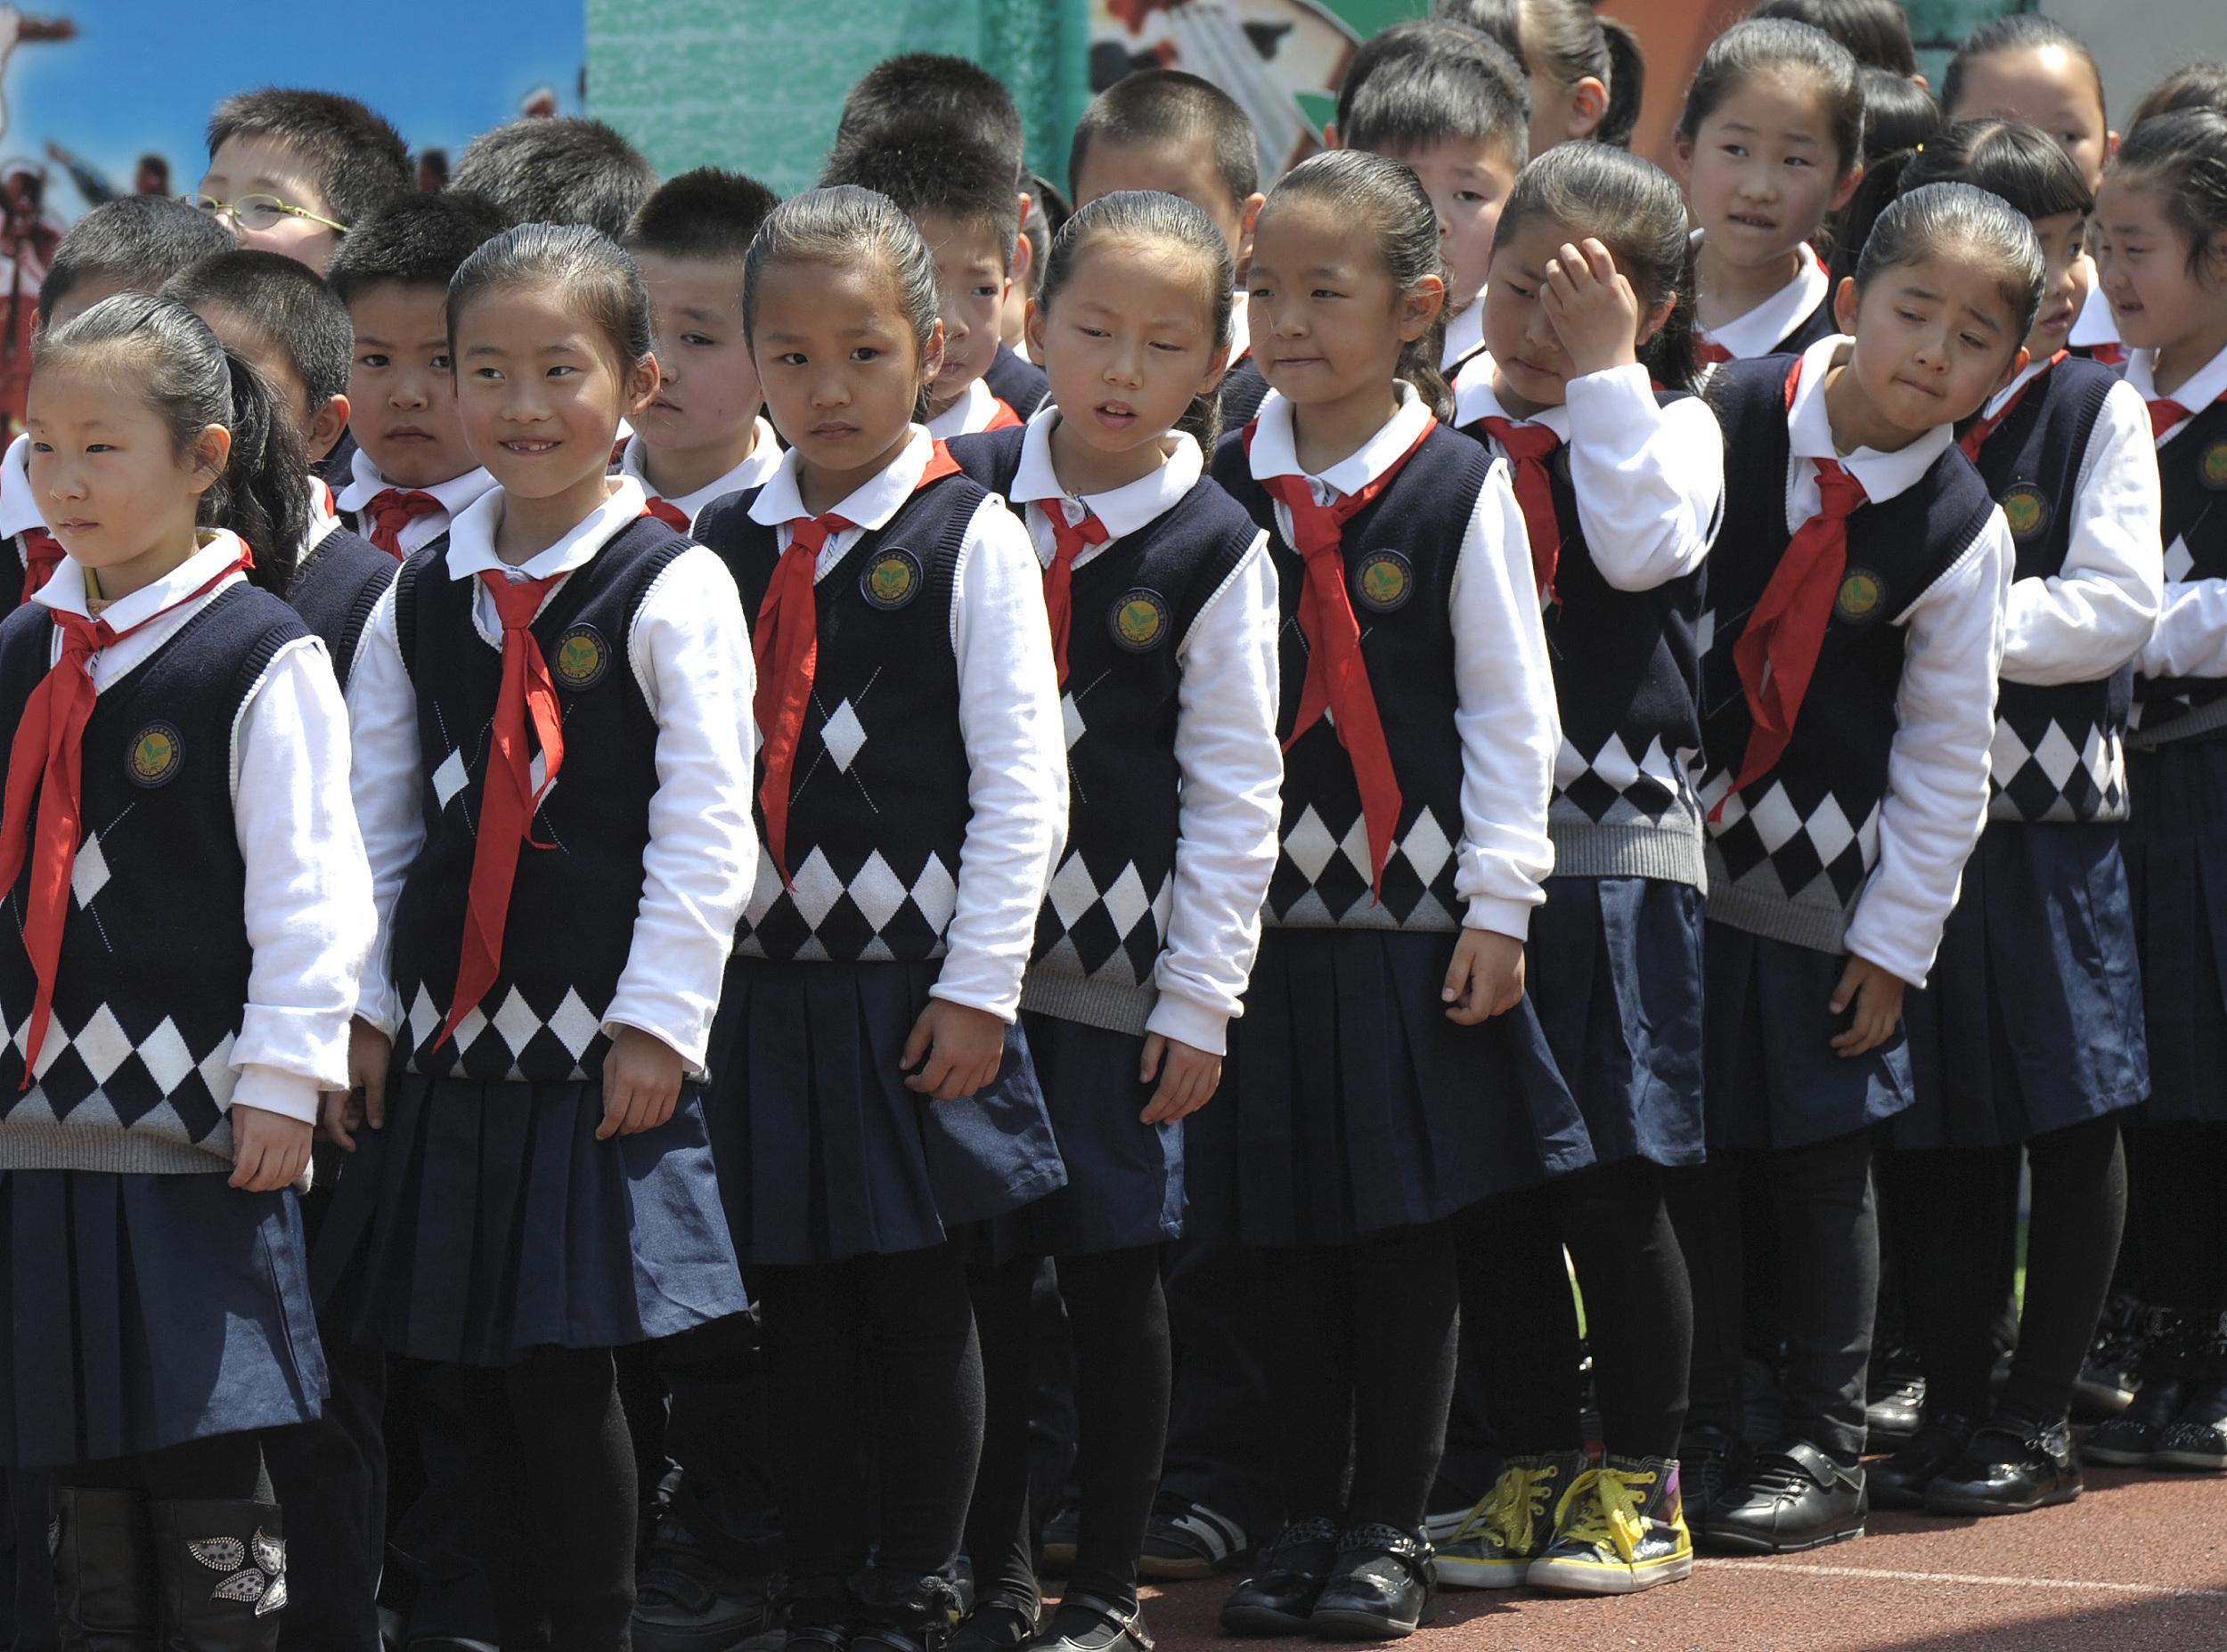 江蘇省南京市,一所小學里身穿校服的小學生。 人民視覺 資料圖